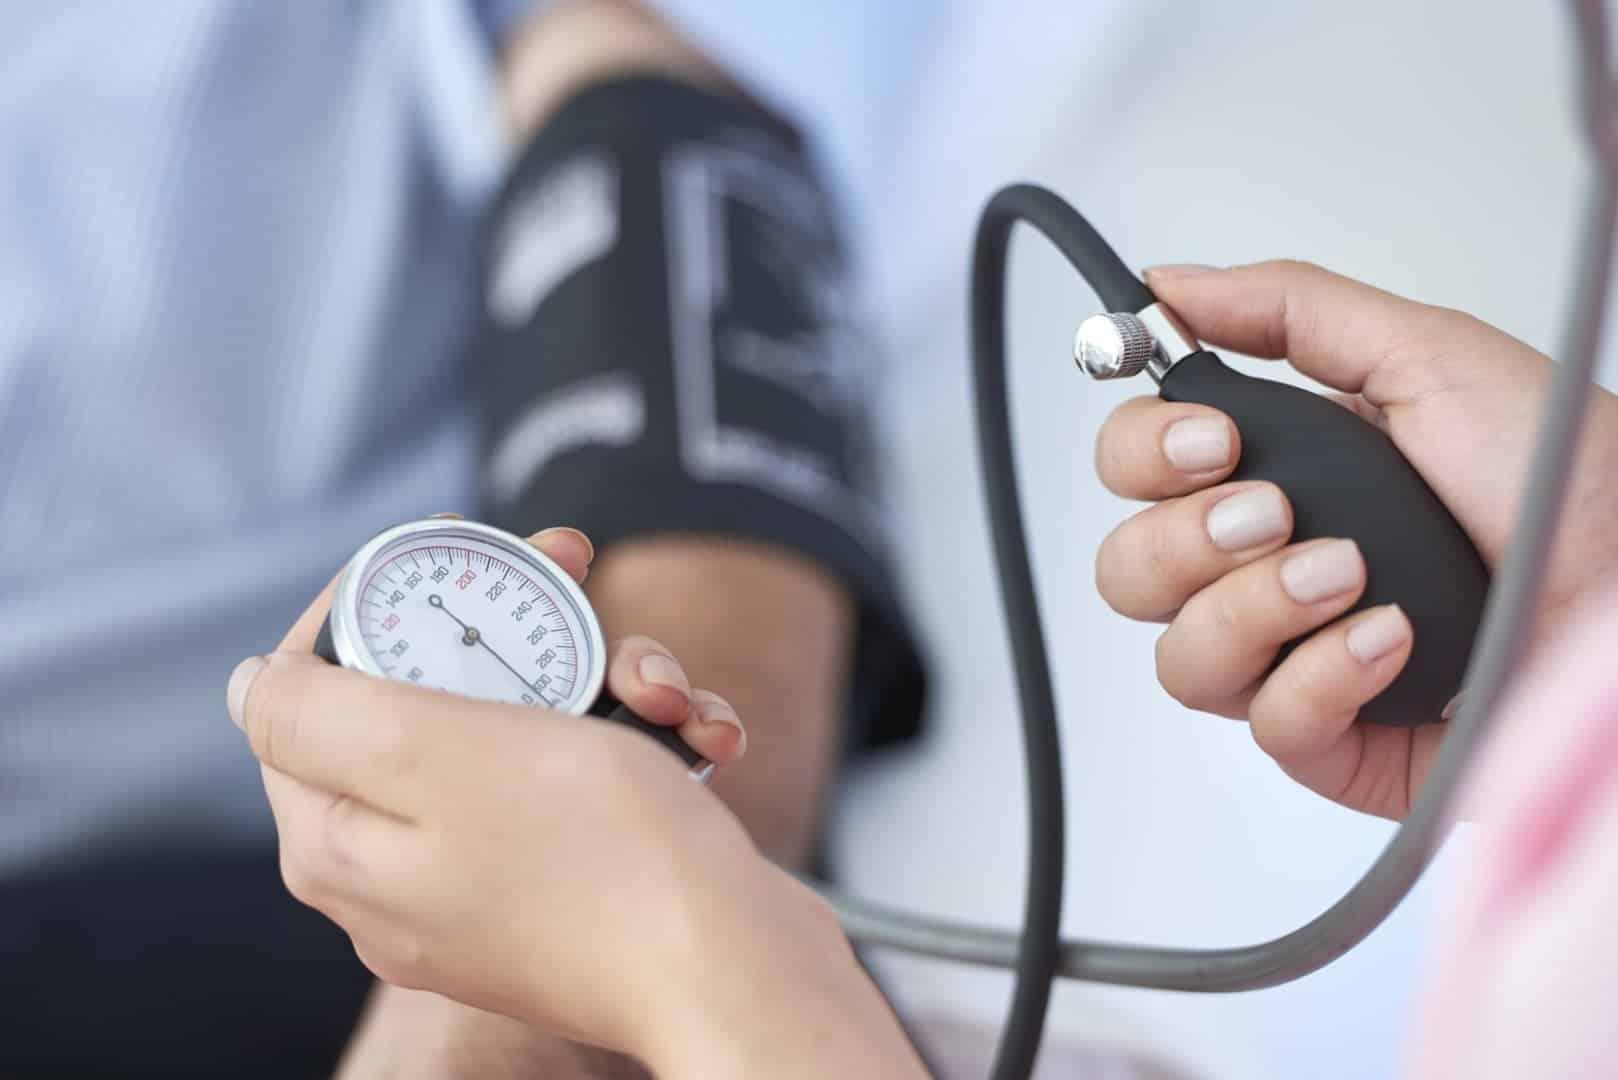 ارتفاع ضغط الدم المفاجئ